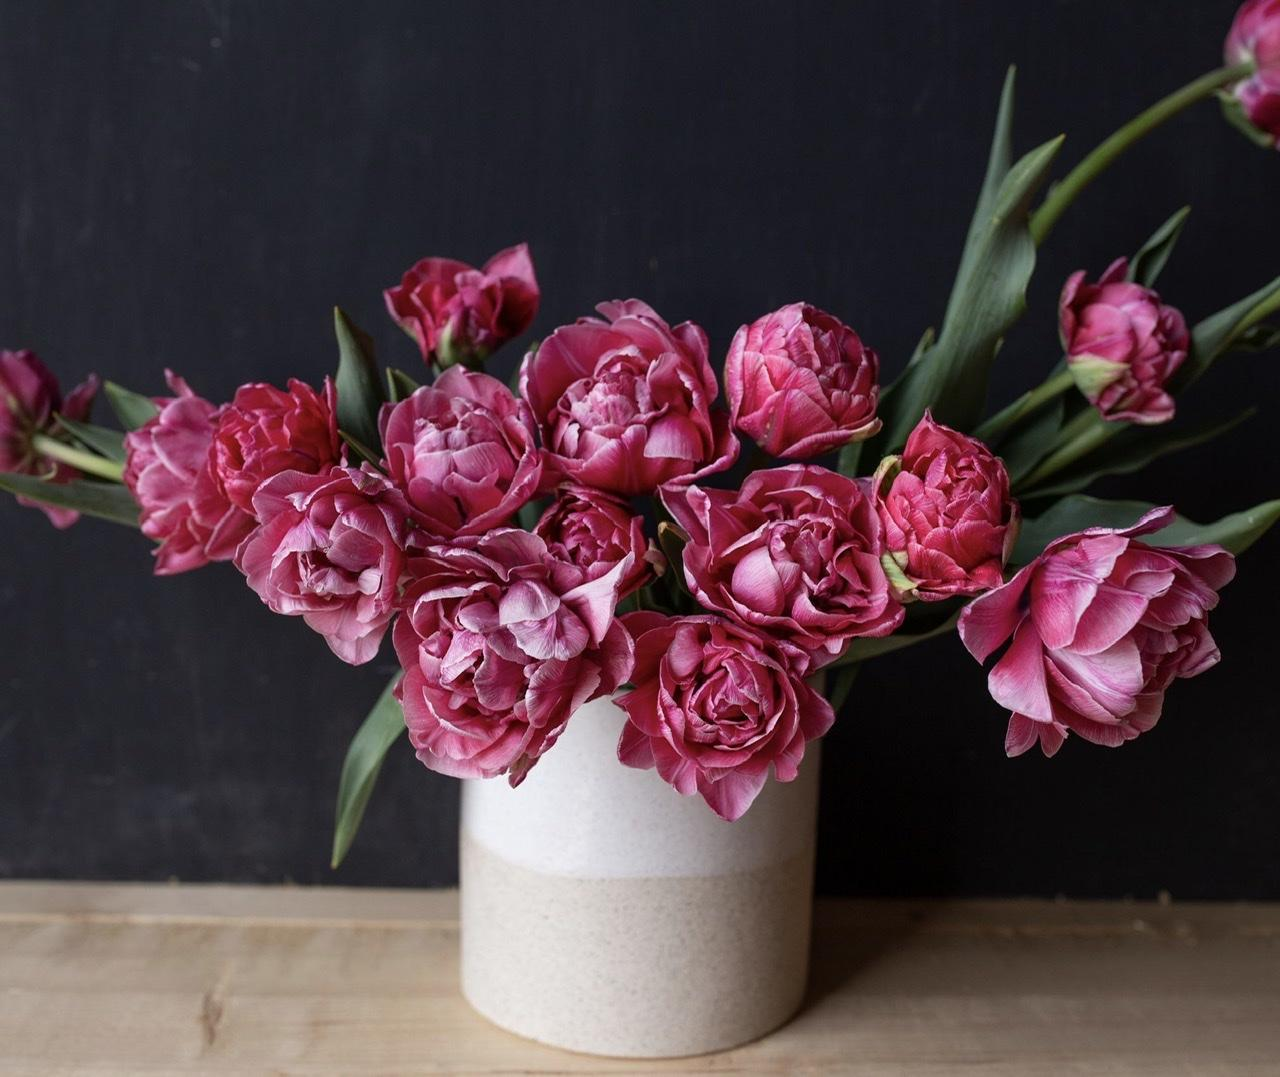 Naše L-ko - začiatok 4. roku bývania - tulipán č.1 -  plnokvetý, teplejšia ružová